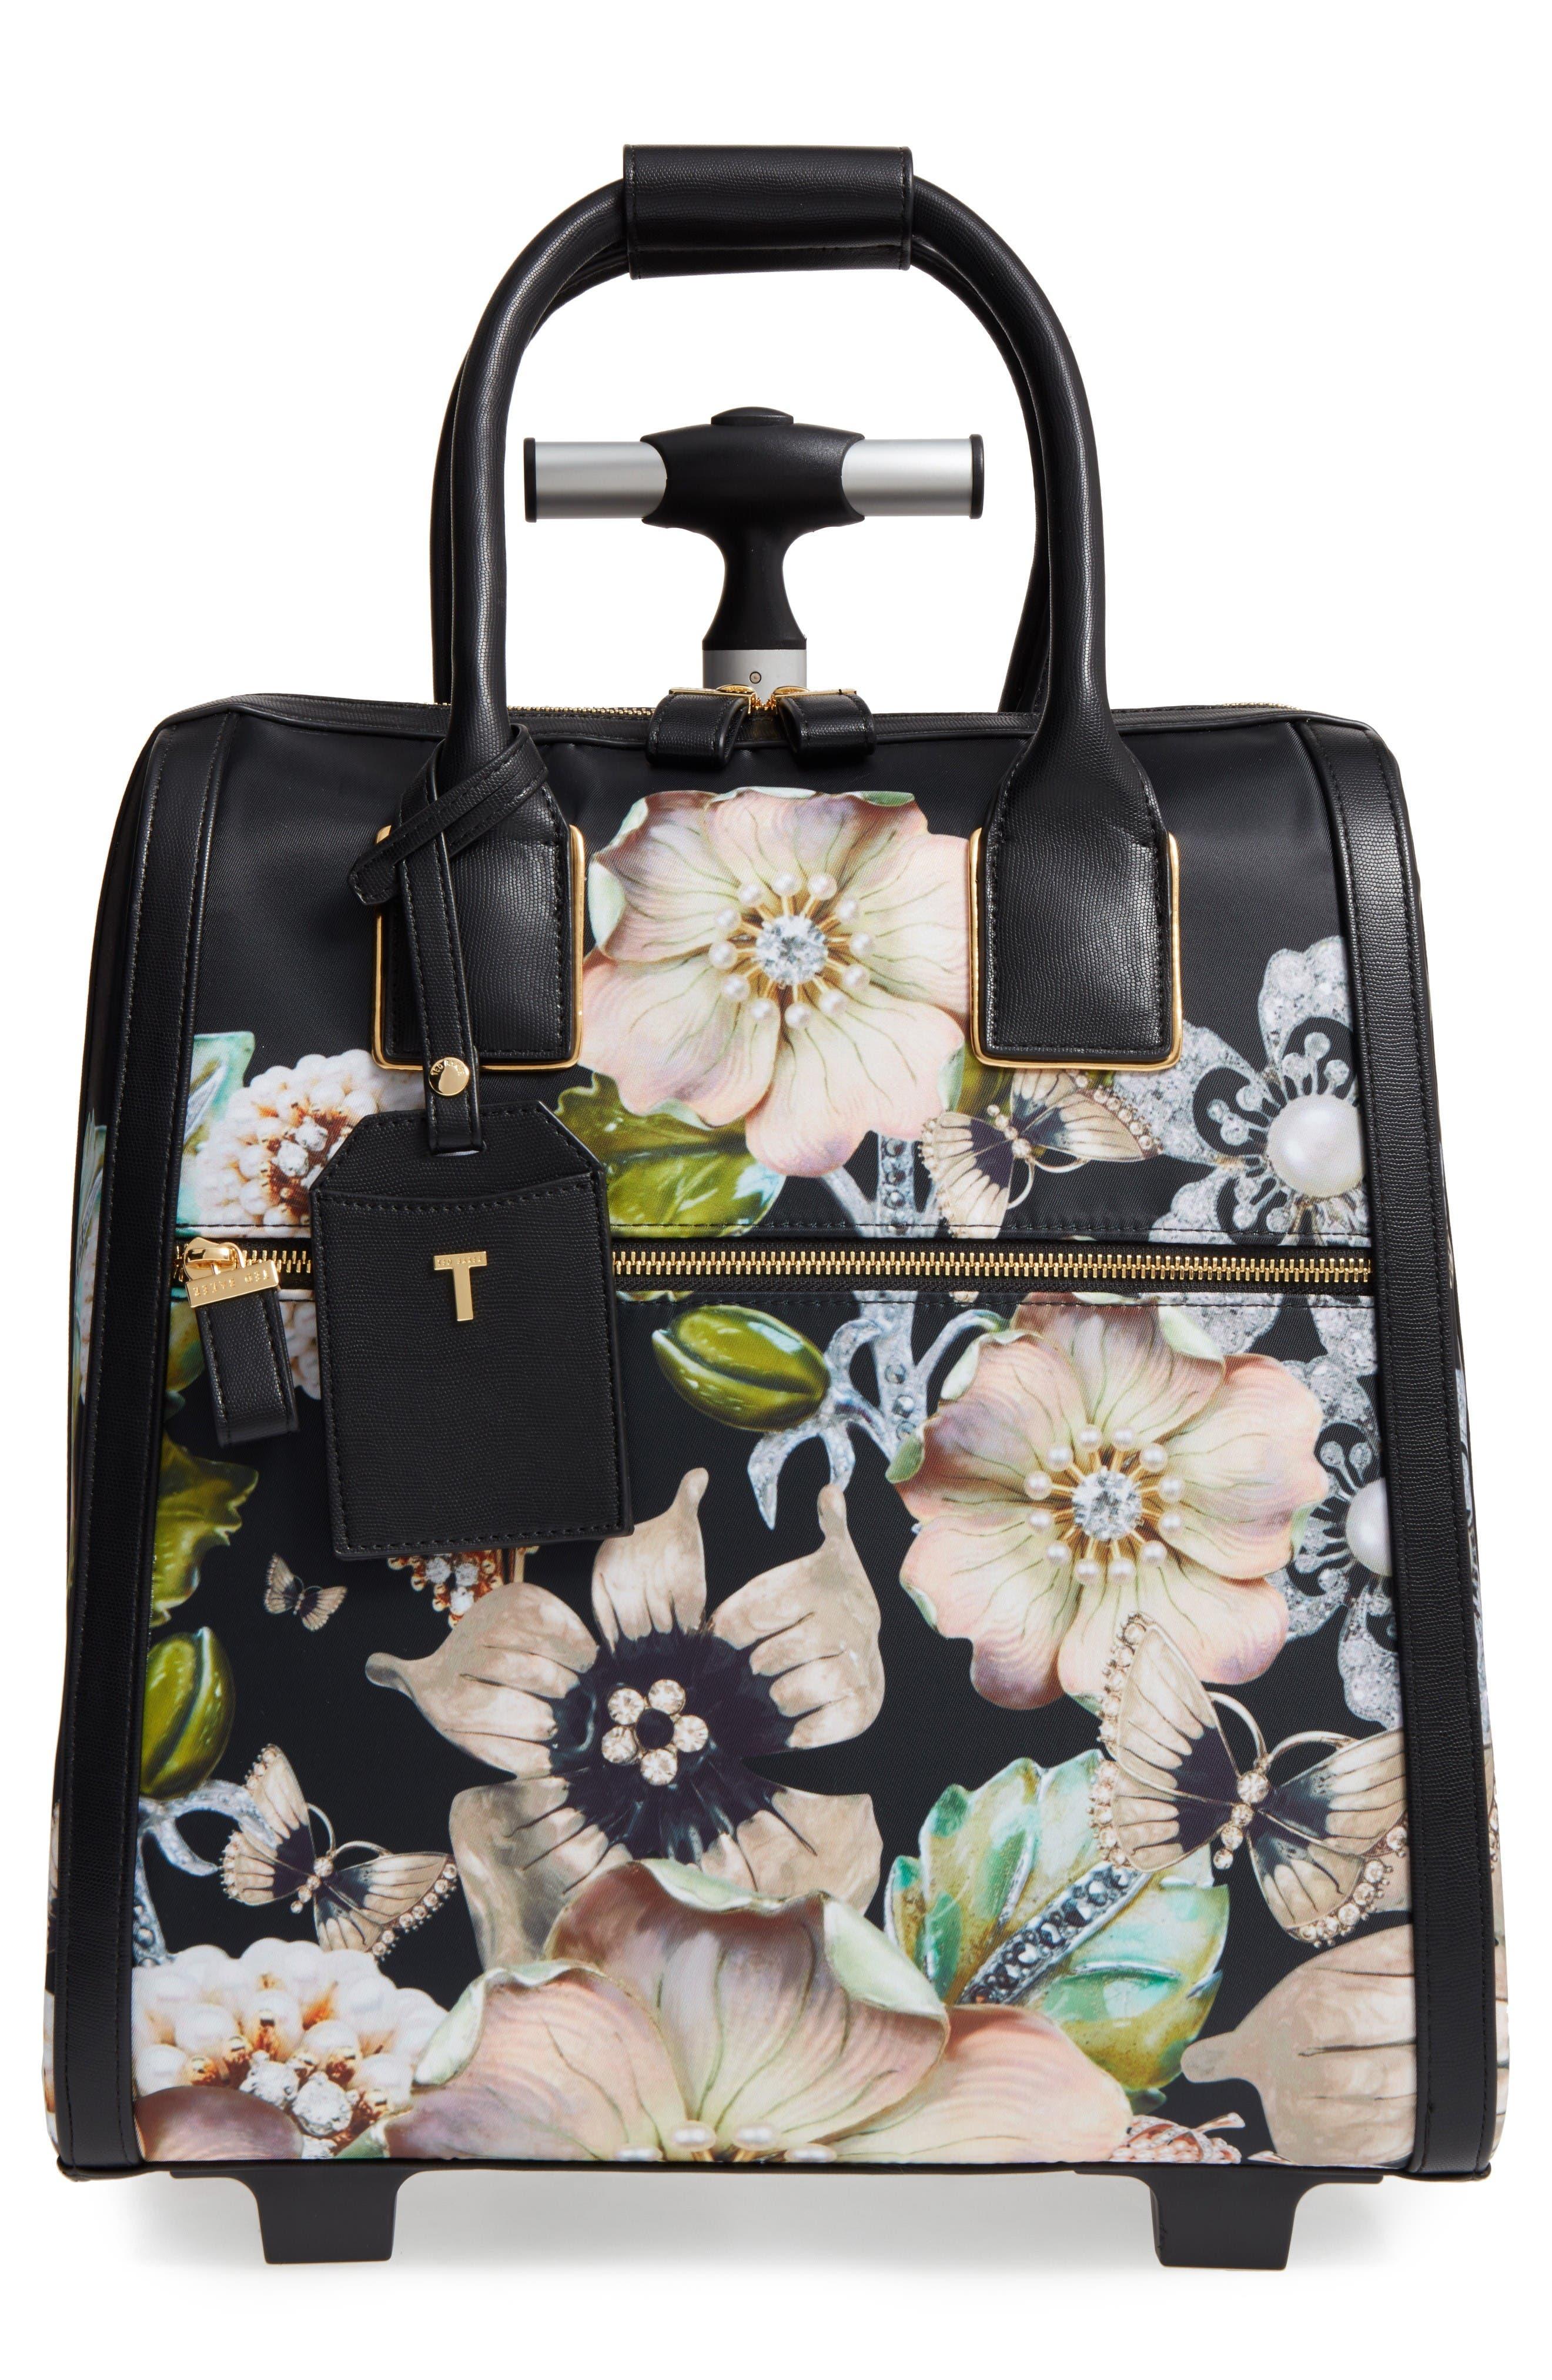 Main Image - Ted Baker London Inez Gem Gardens Two-Wheel Travel Bag (16 Inch)